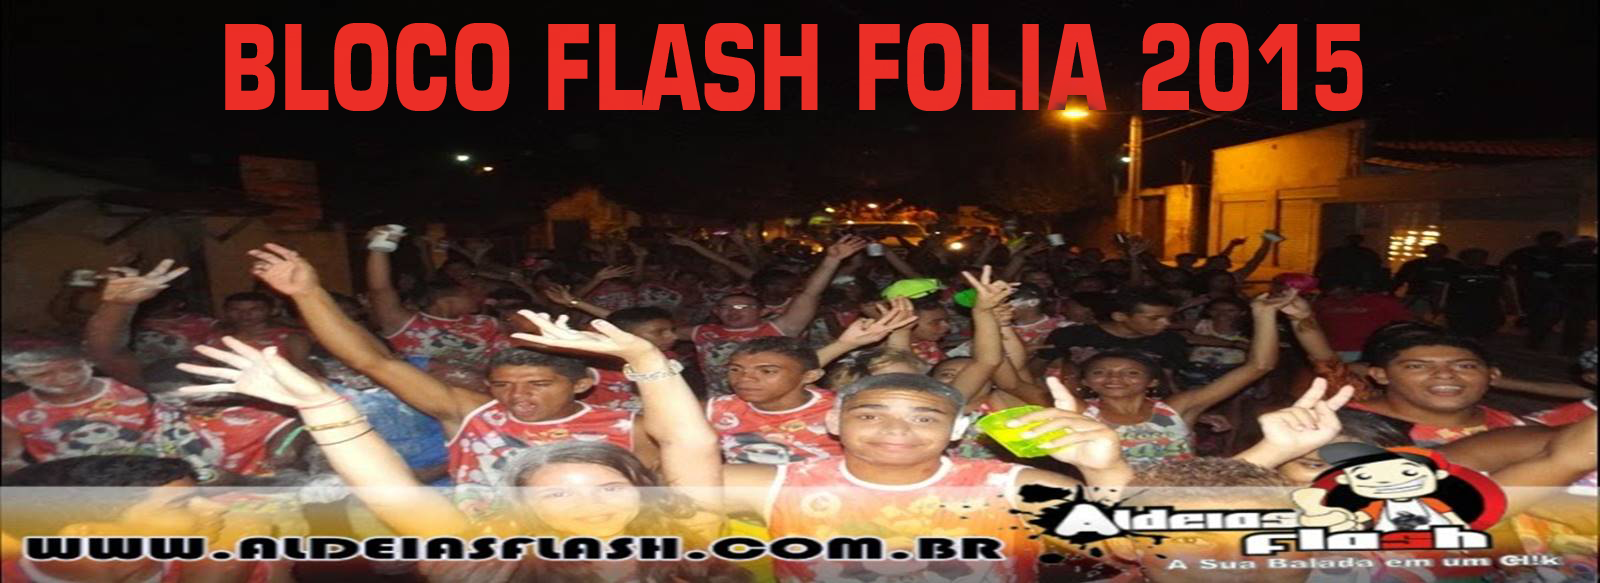 flashfolia